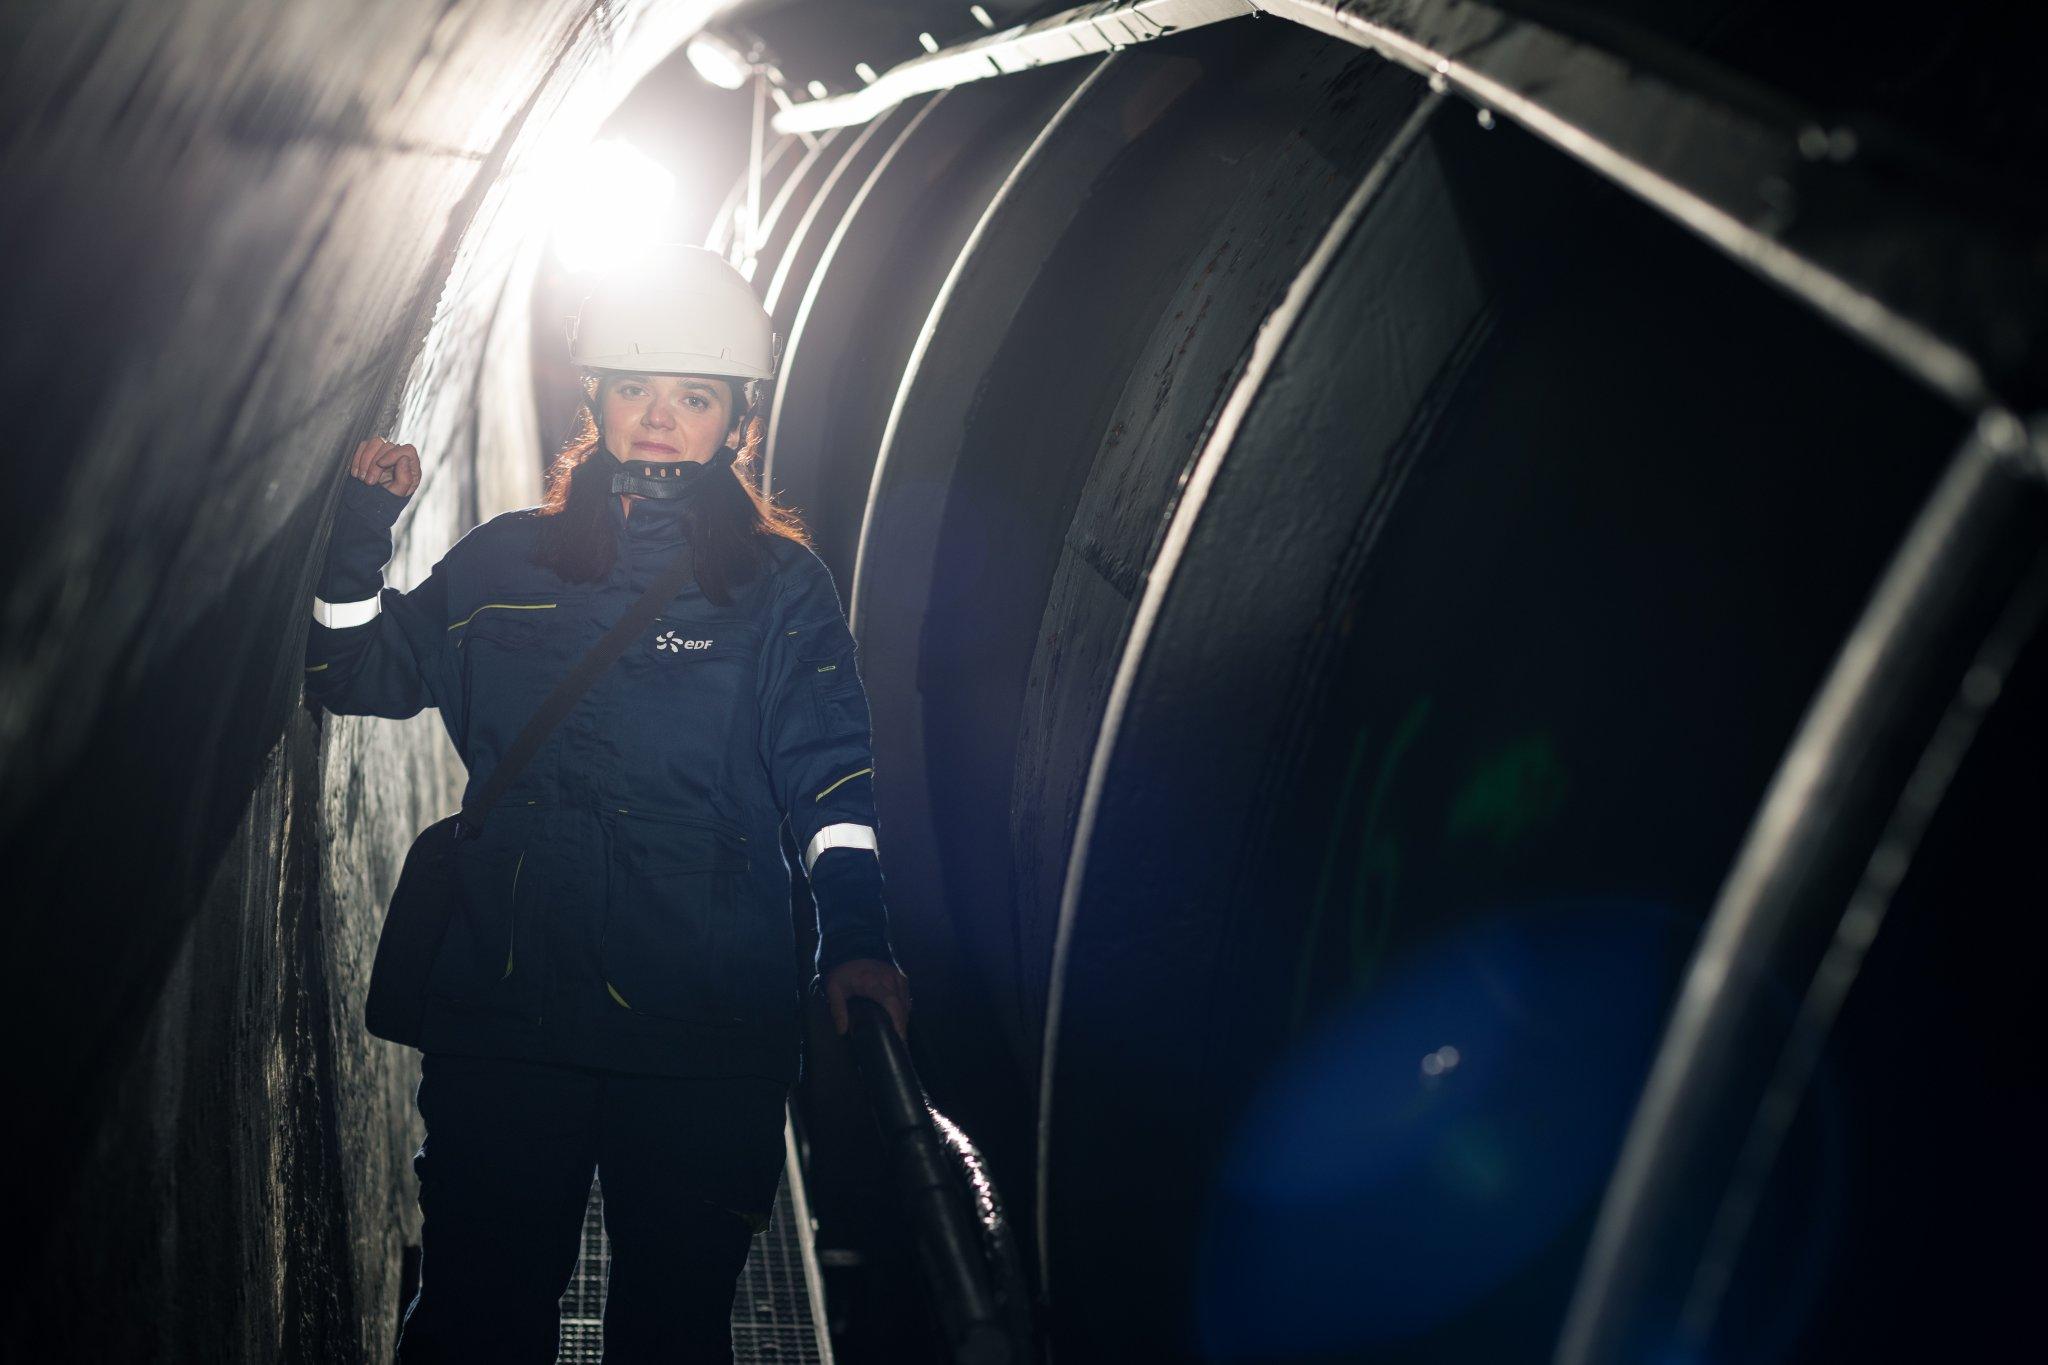 Aurélien Audy - Photographe Lyon Villeurbanne - portrait tournage vidéo agence communication formation alternance - UIMM - Rhône-Alpes